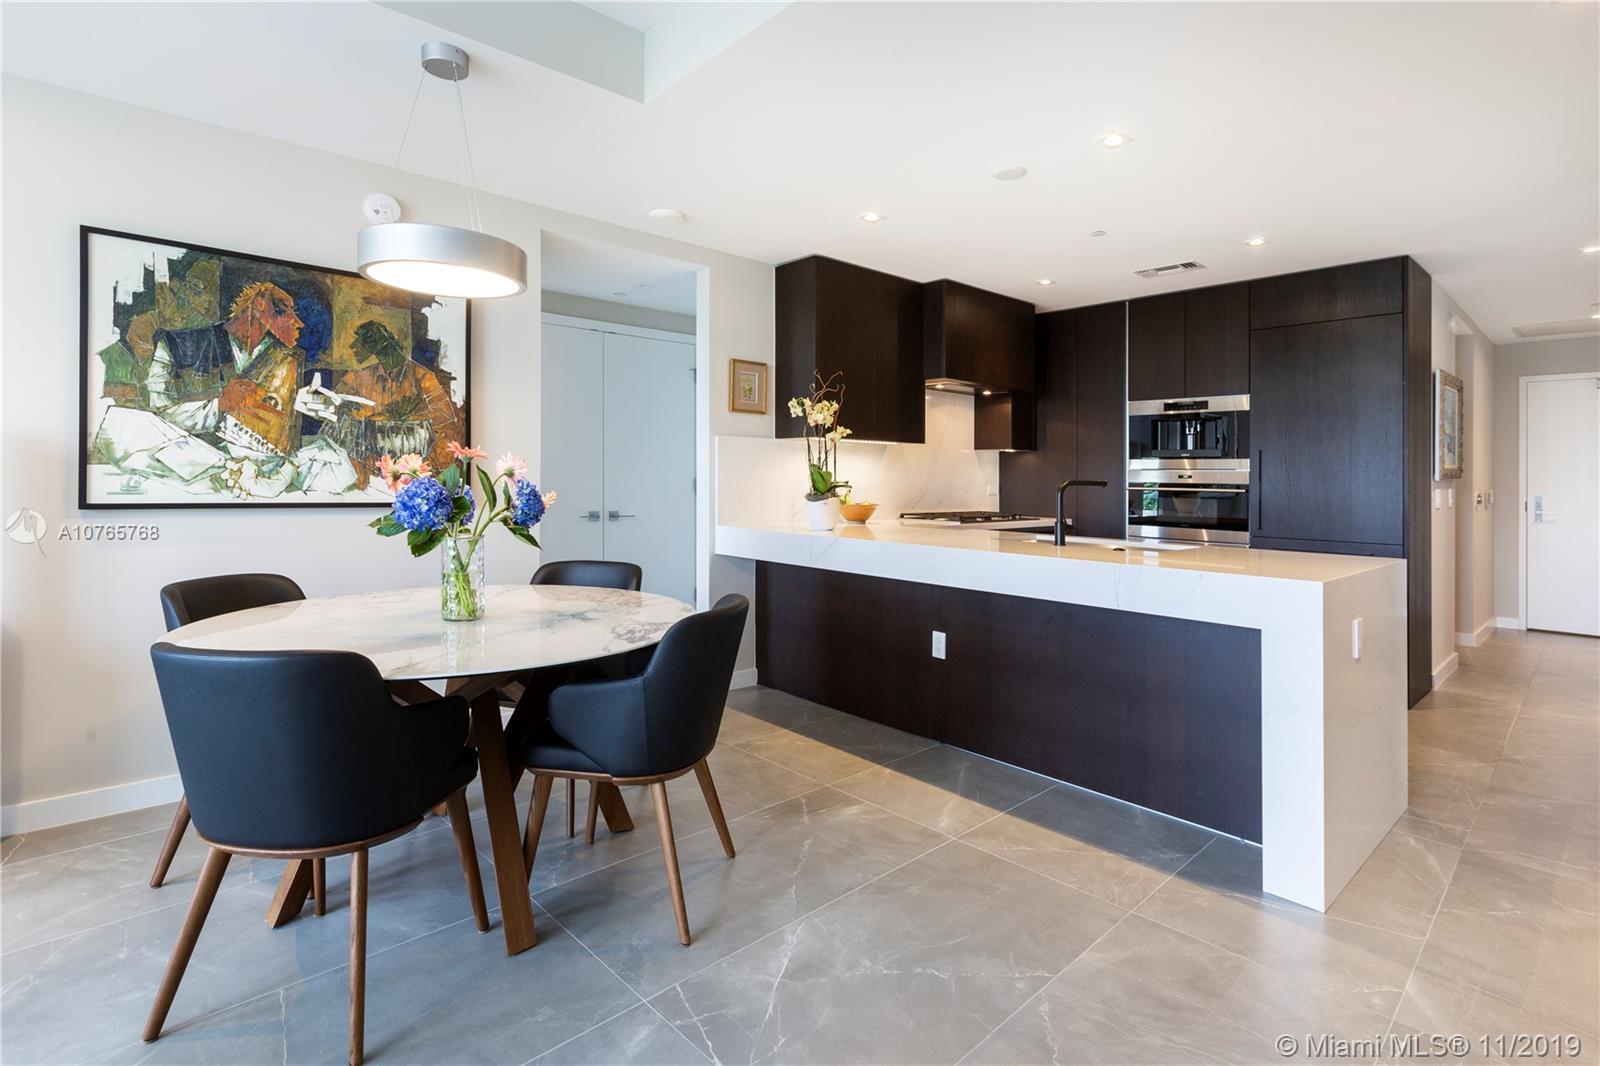 2200 N Ocean #N208, Fort Lauderdale, FL 33305 - Fort Lauderdale, FL real estate listing